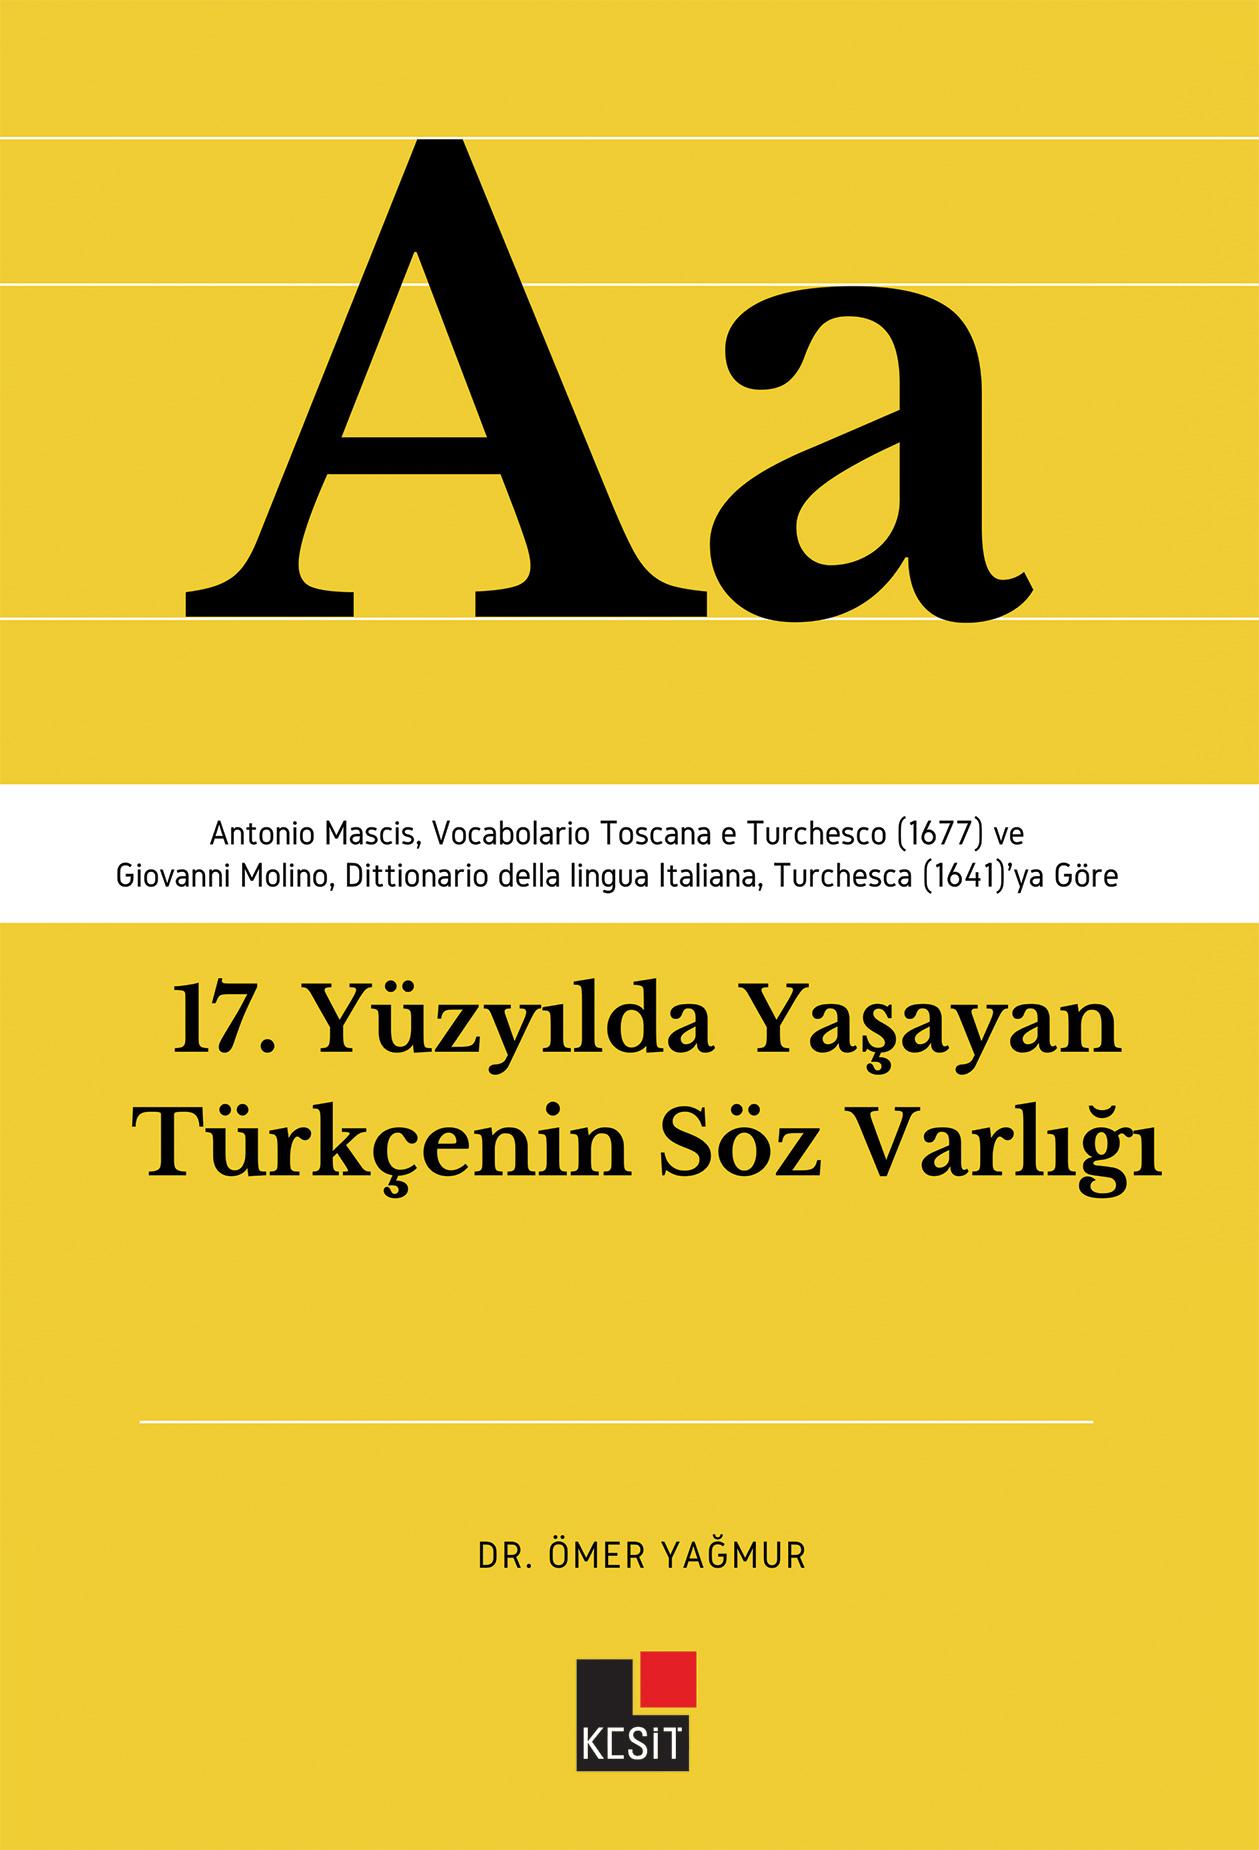 17.Yüzyılda Yaşayan Türkçenin Söz Varlığı